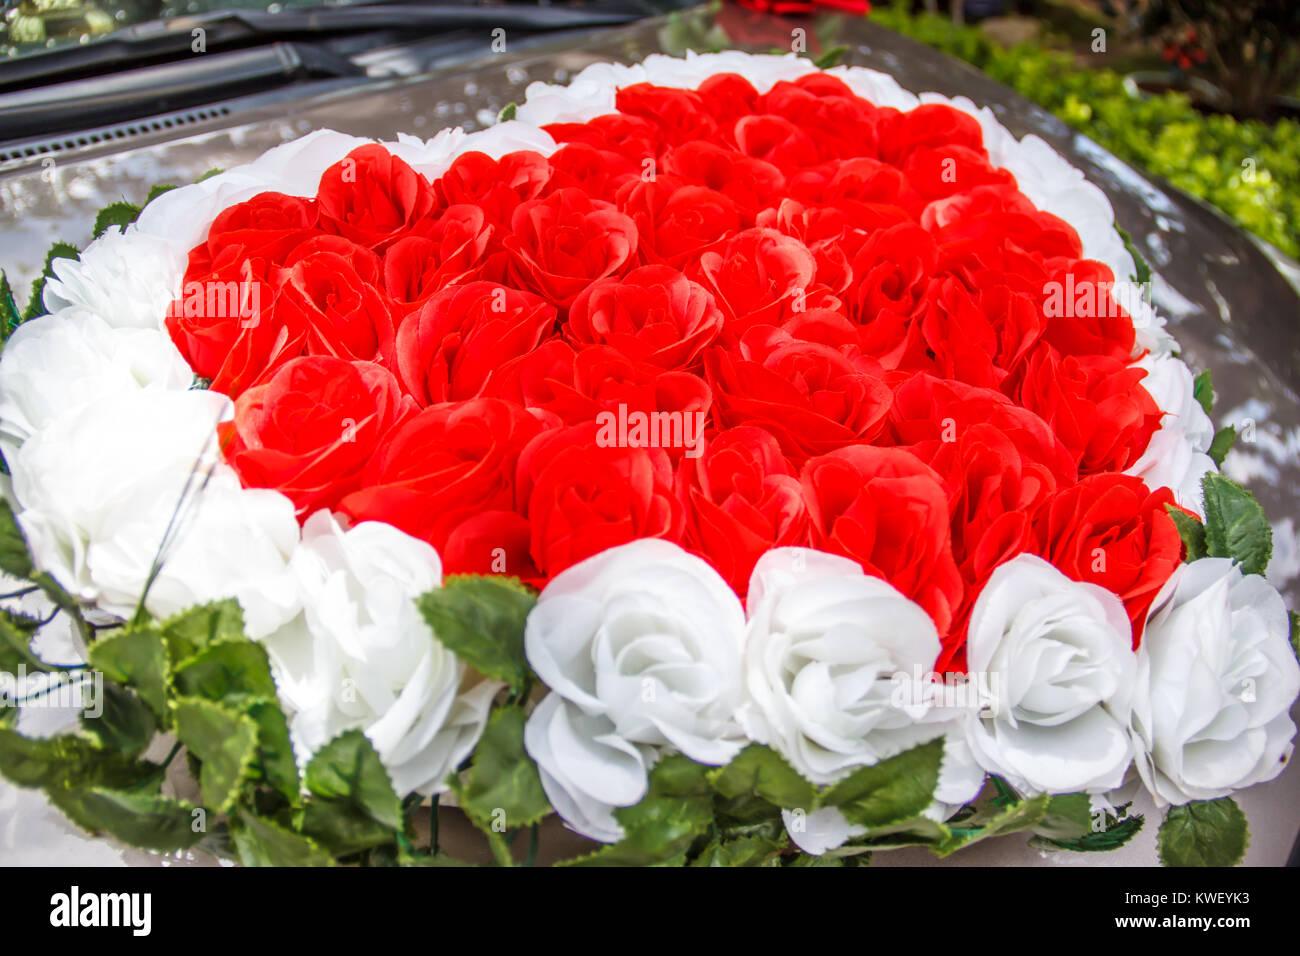 Herzfrmige rote und weie Rosen Blumen Hochzeit